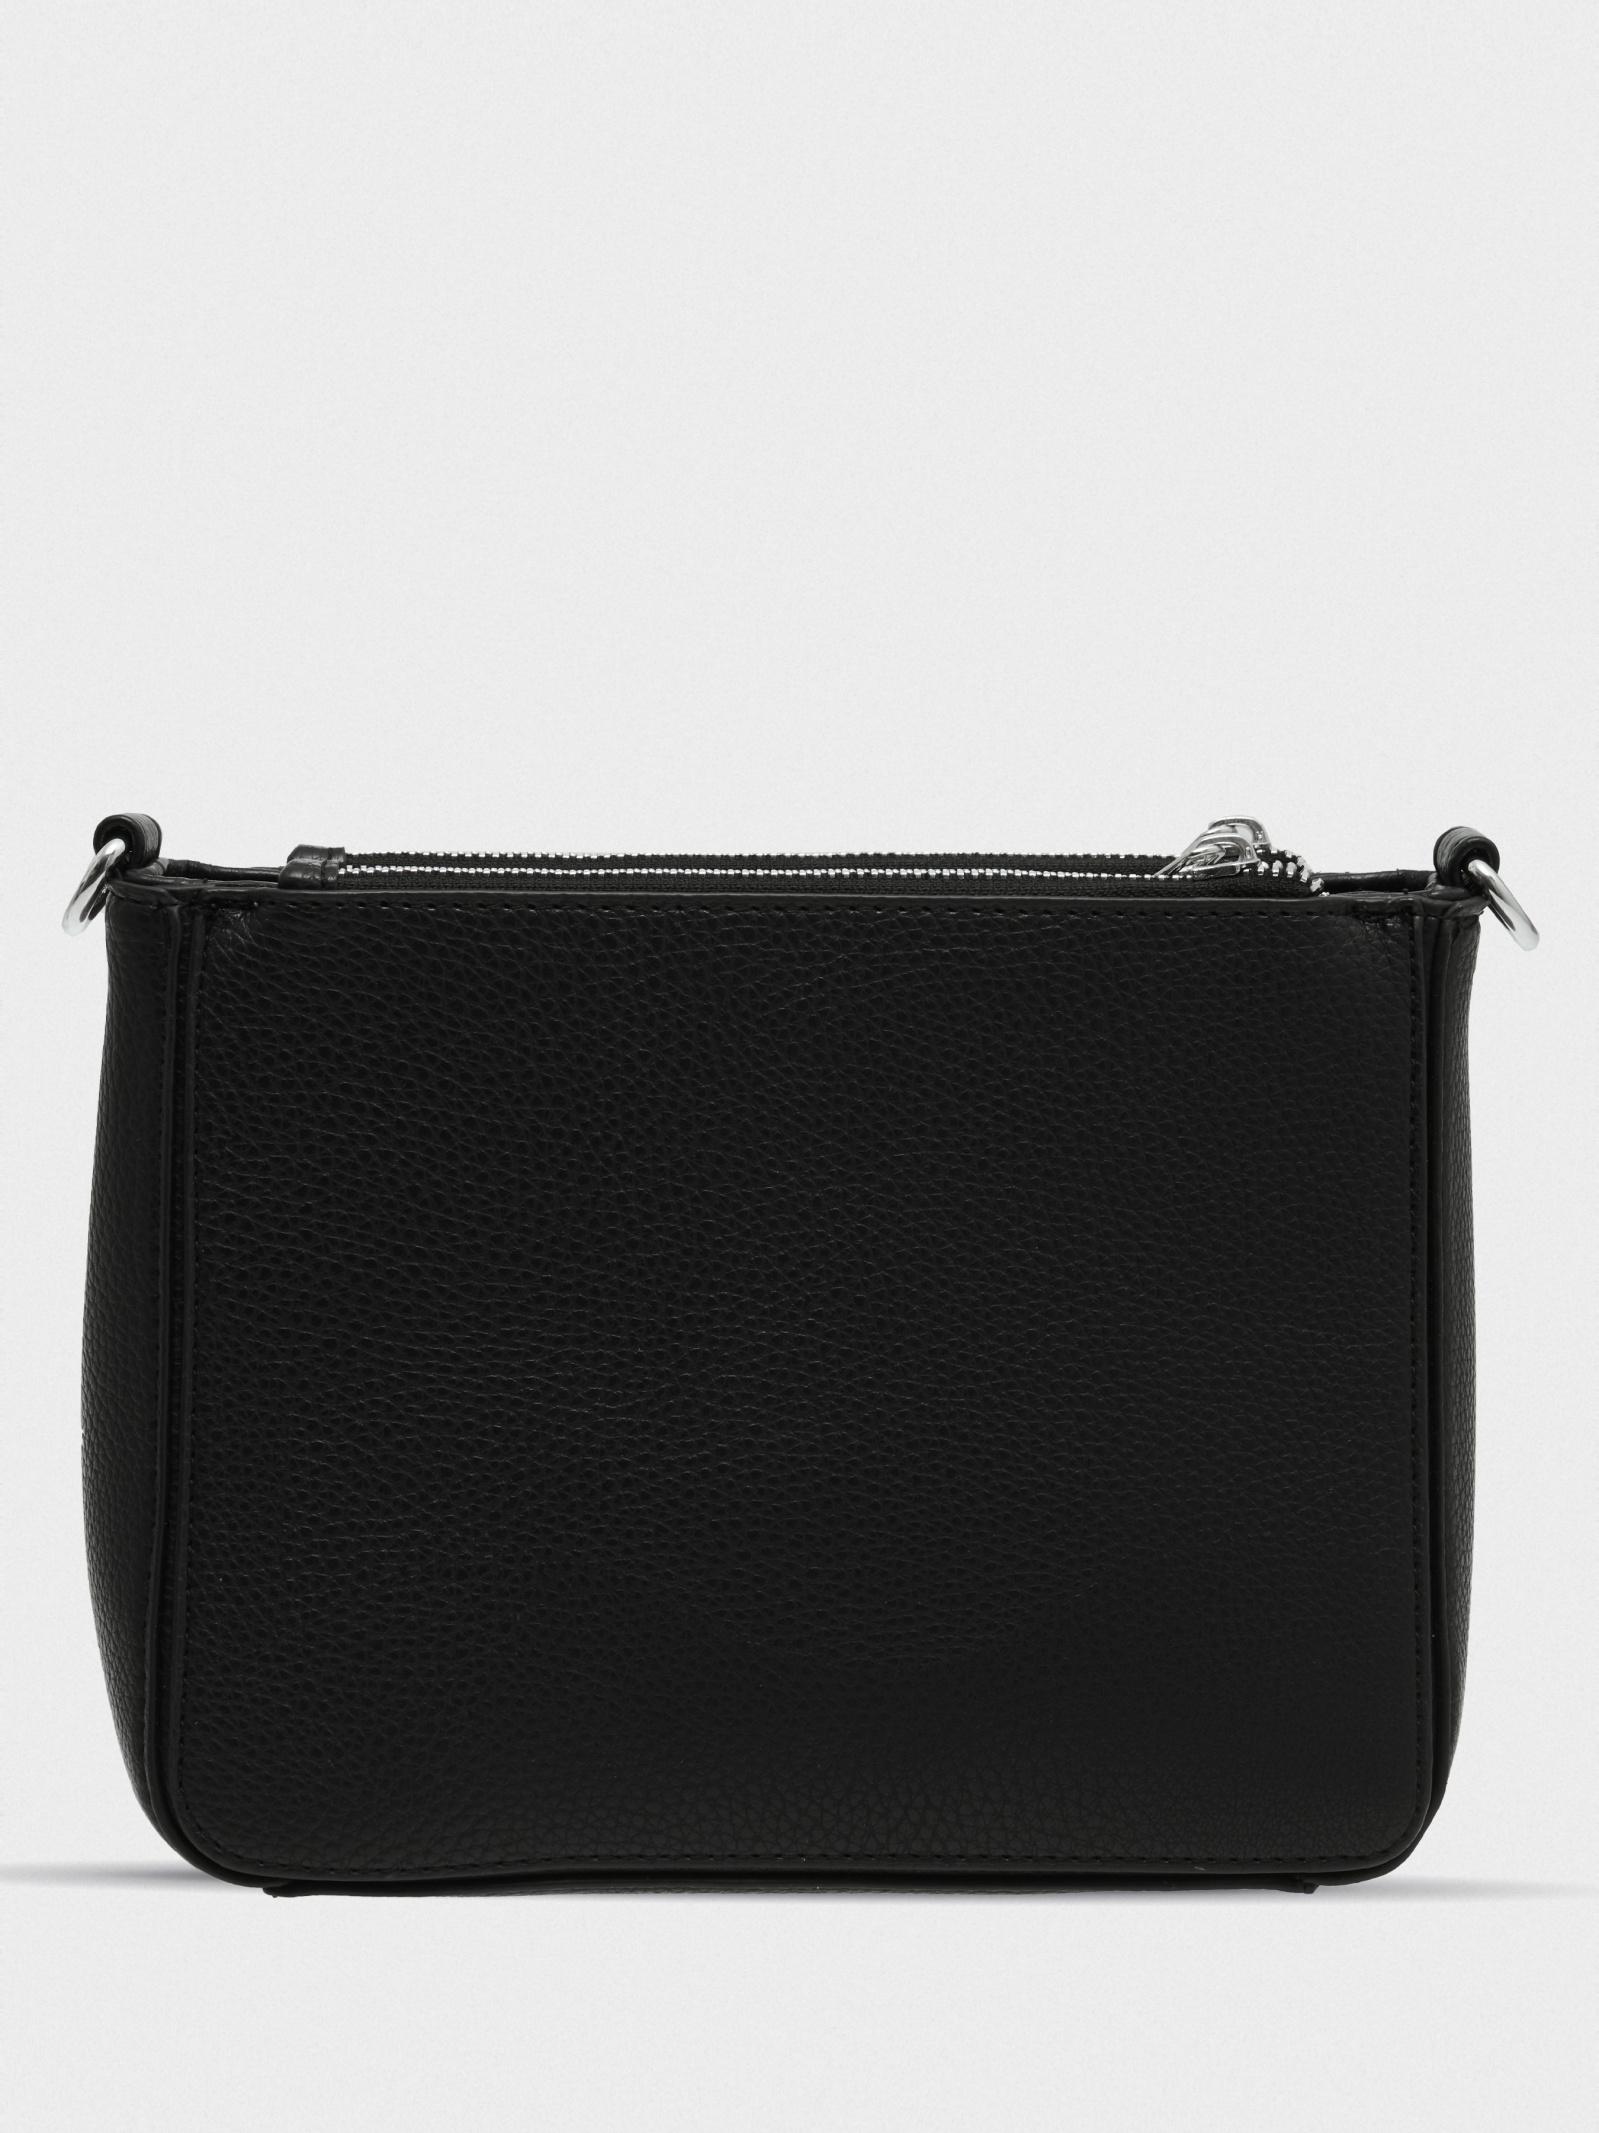 Сумка  Marco Tozzi модель 61018-24-001 black цена, 2017